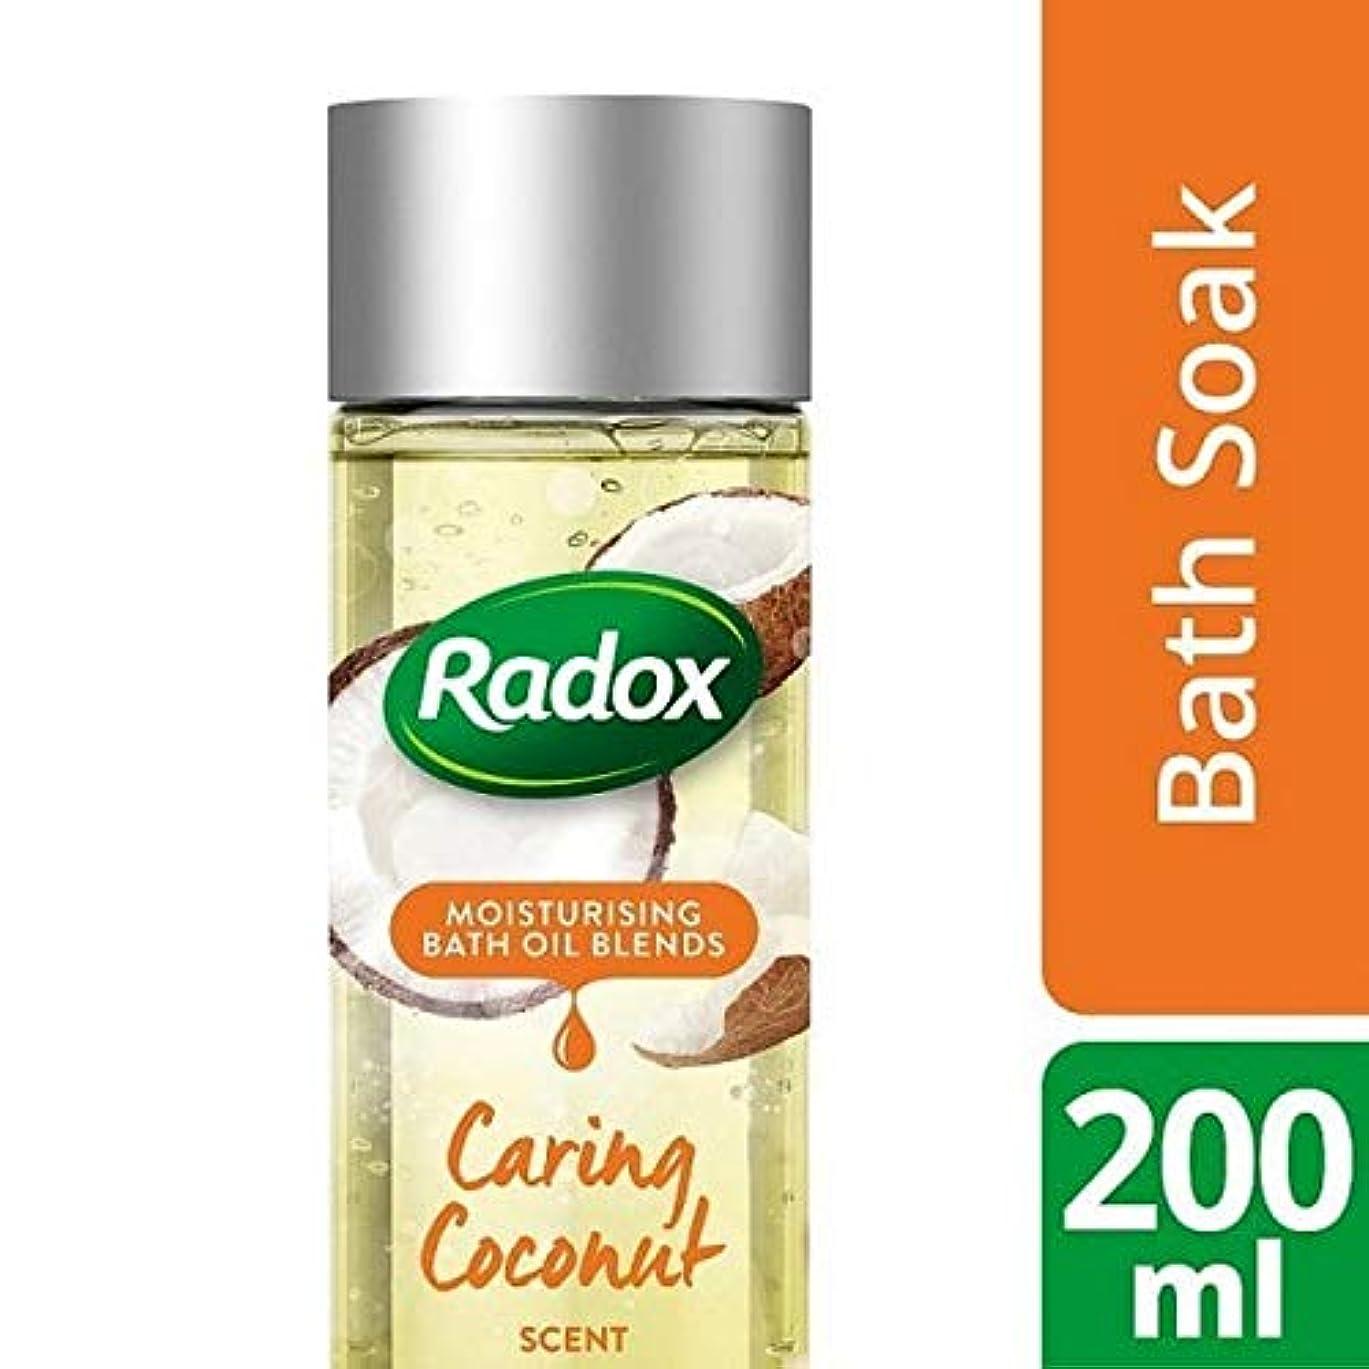 認知距離タービン[Radox] Radoxのバスオイル思いやりのあるココナッツの香りの200ミリリットル - Radox Bath Oil Caring Coconut Scent 200ml [並行輸入品]